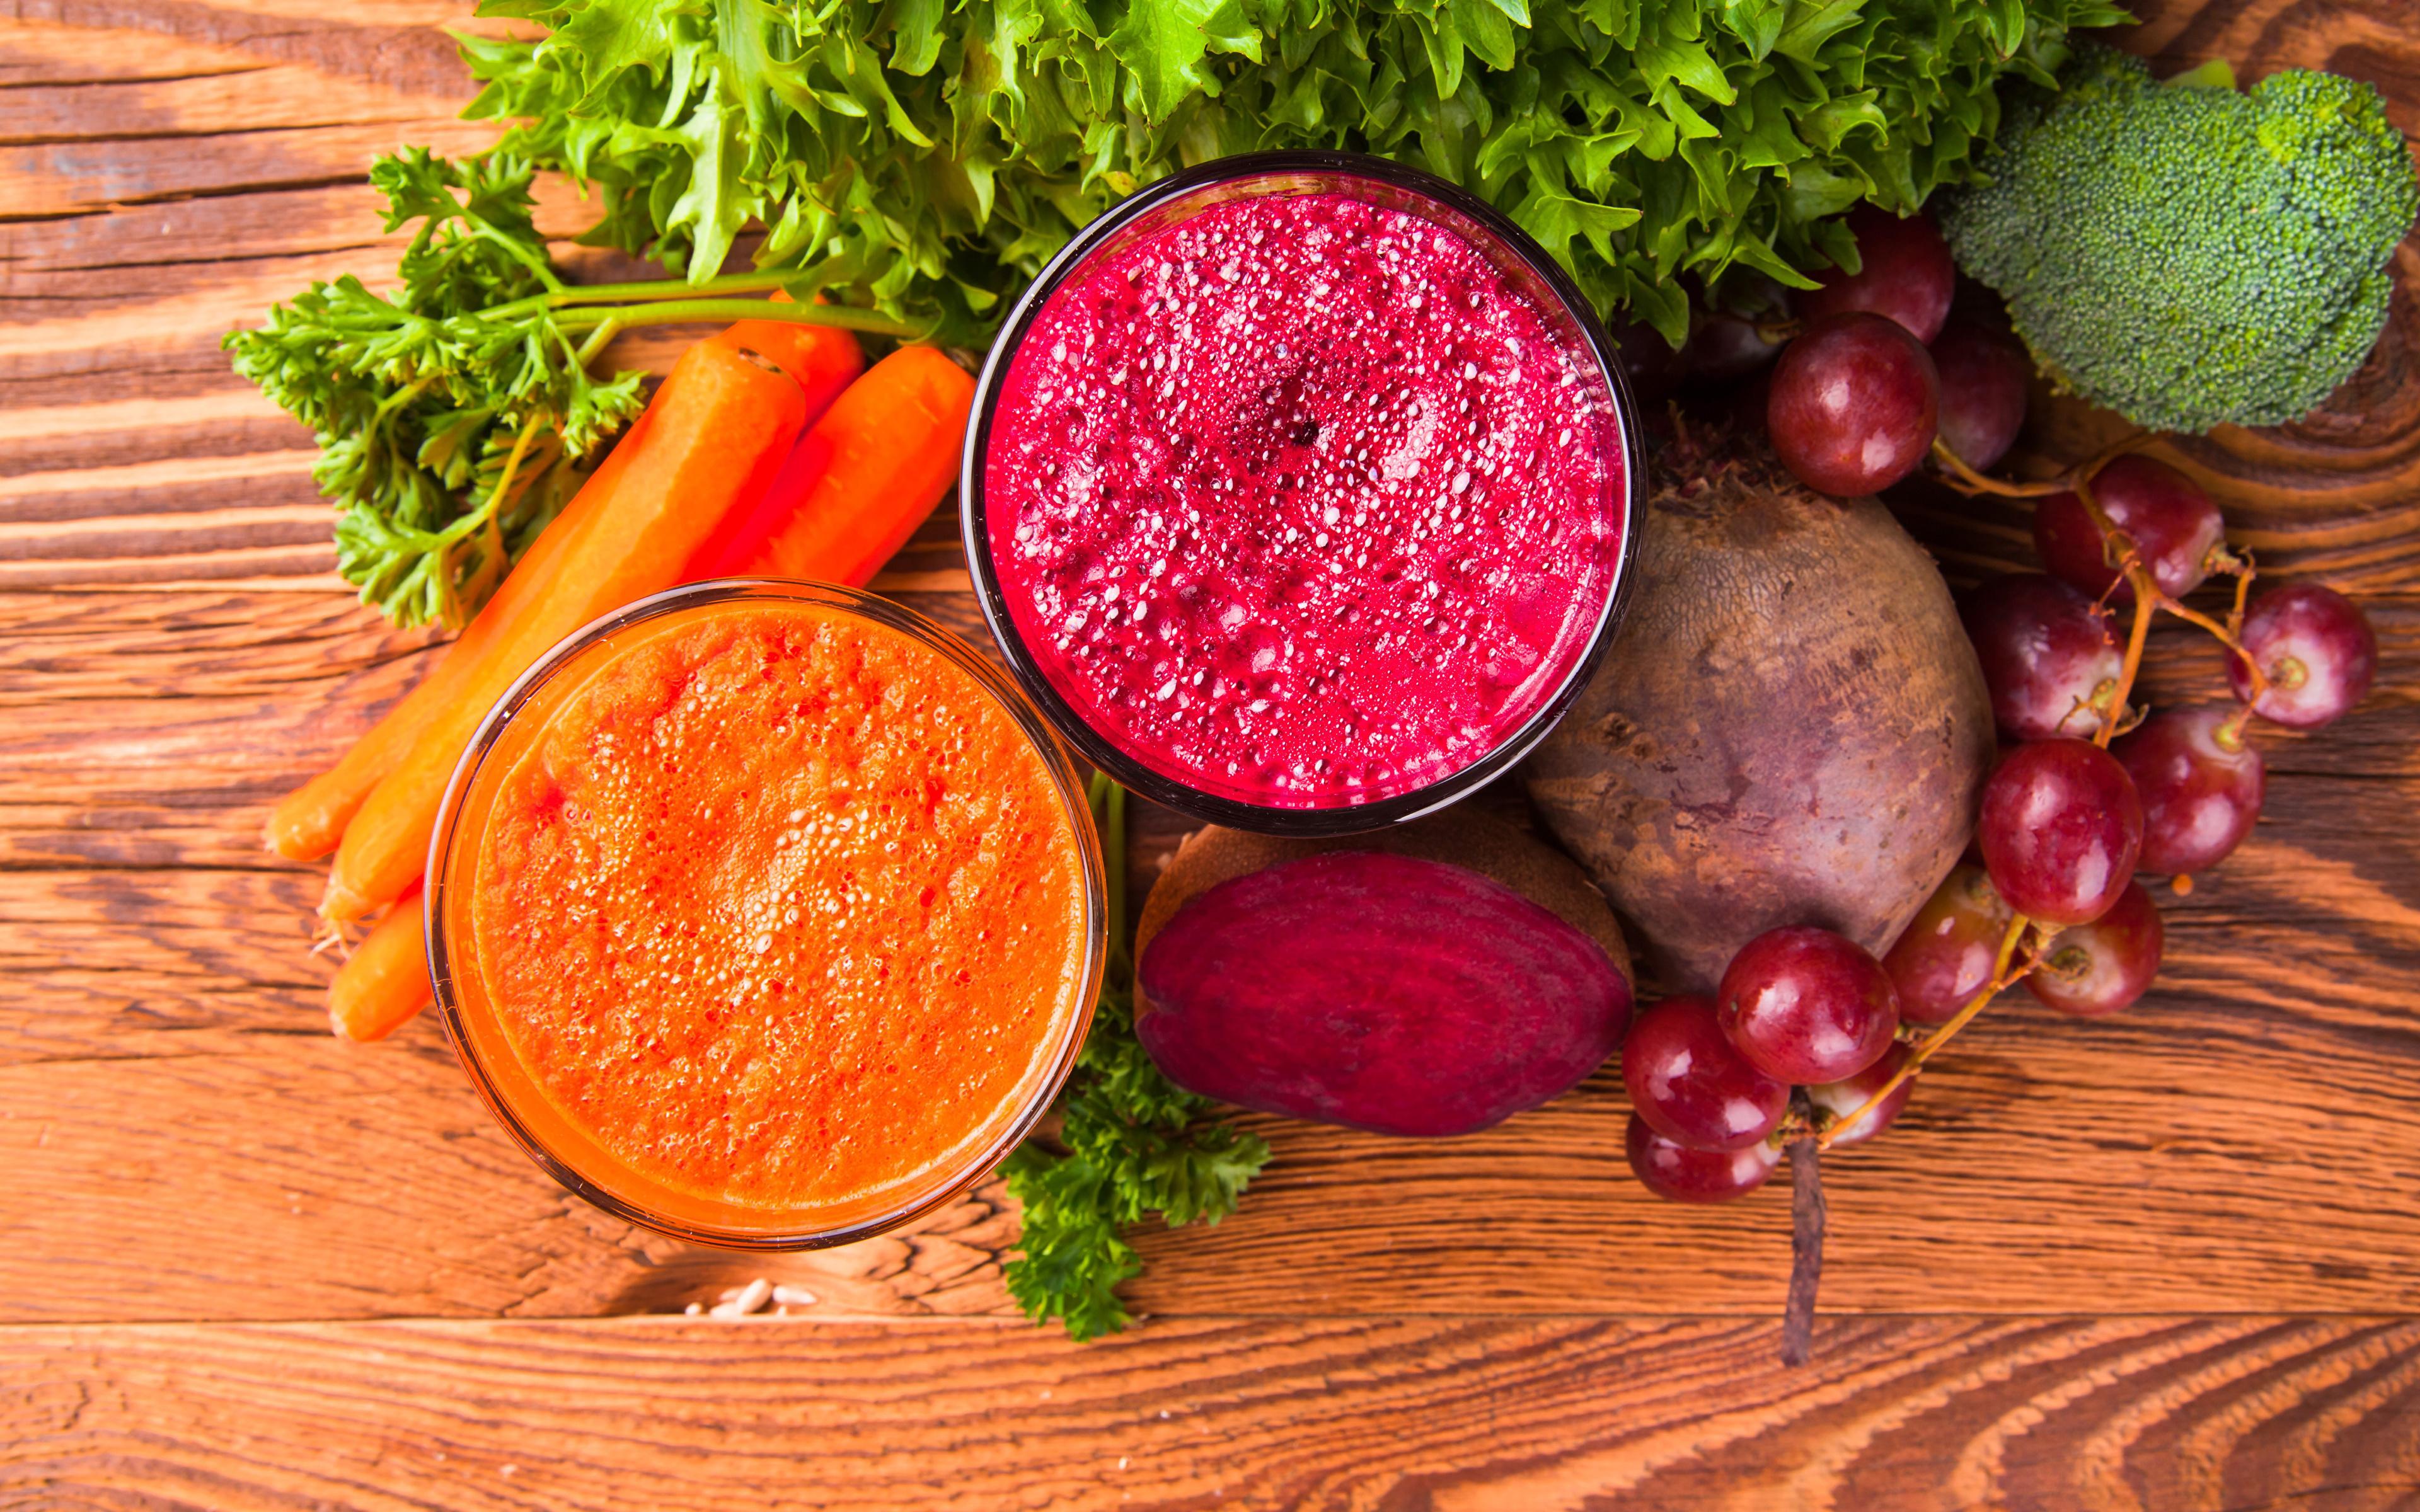 Обои Еда Смузи Доски Морковь вдвоем Виноград Овощи стакане Свекла 3840x2400 Пища Продукты питания 2 Двое Стакан стакана свёкла